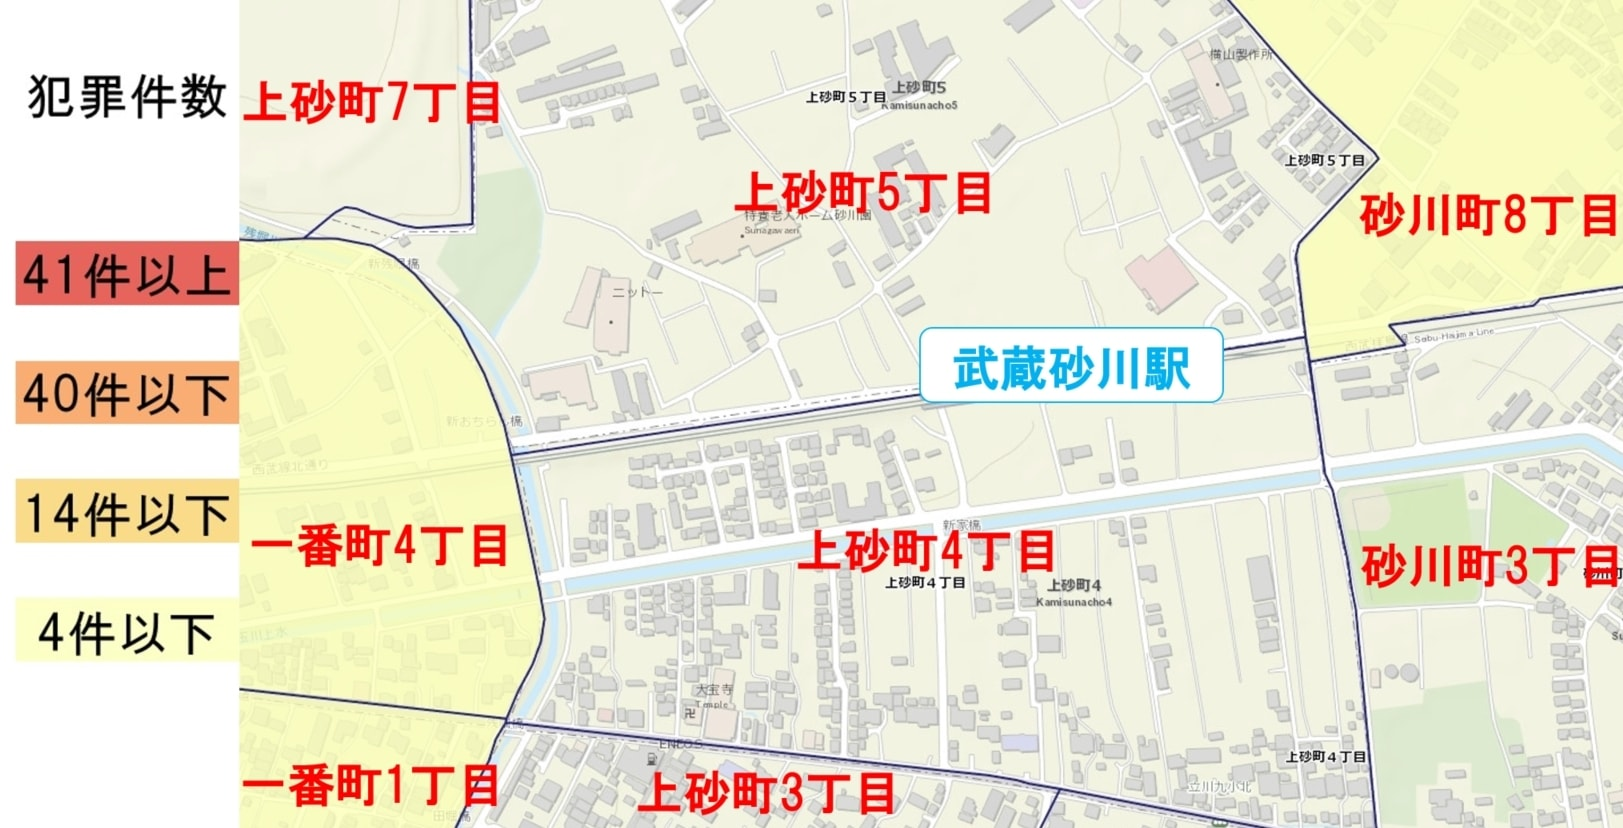 武蔵砂川駅周辺の粗暴犯の犯罪件数マップ